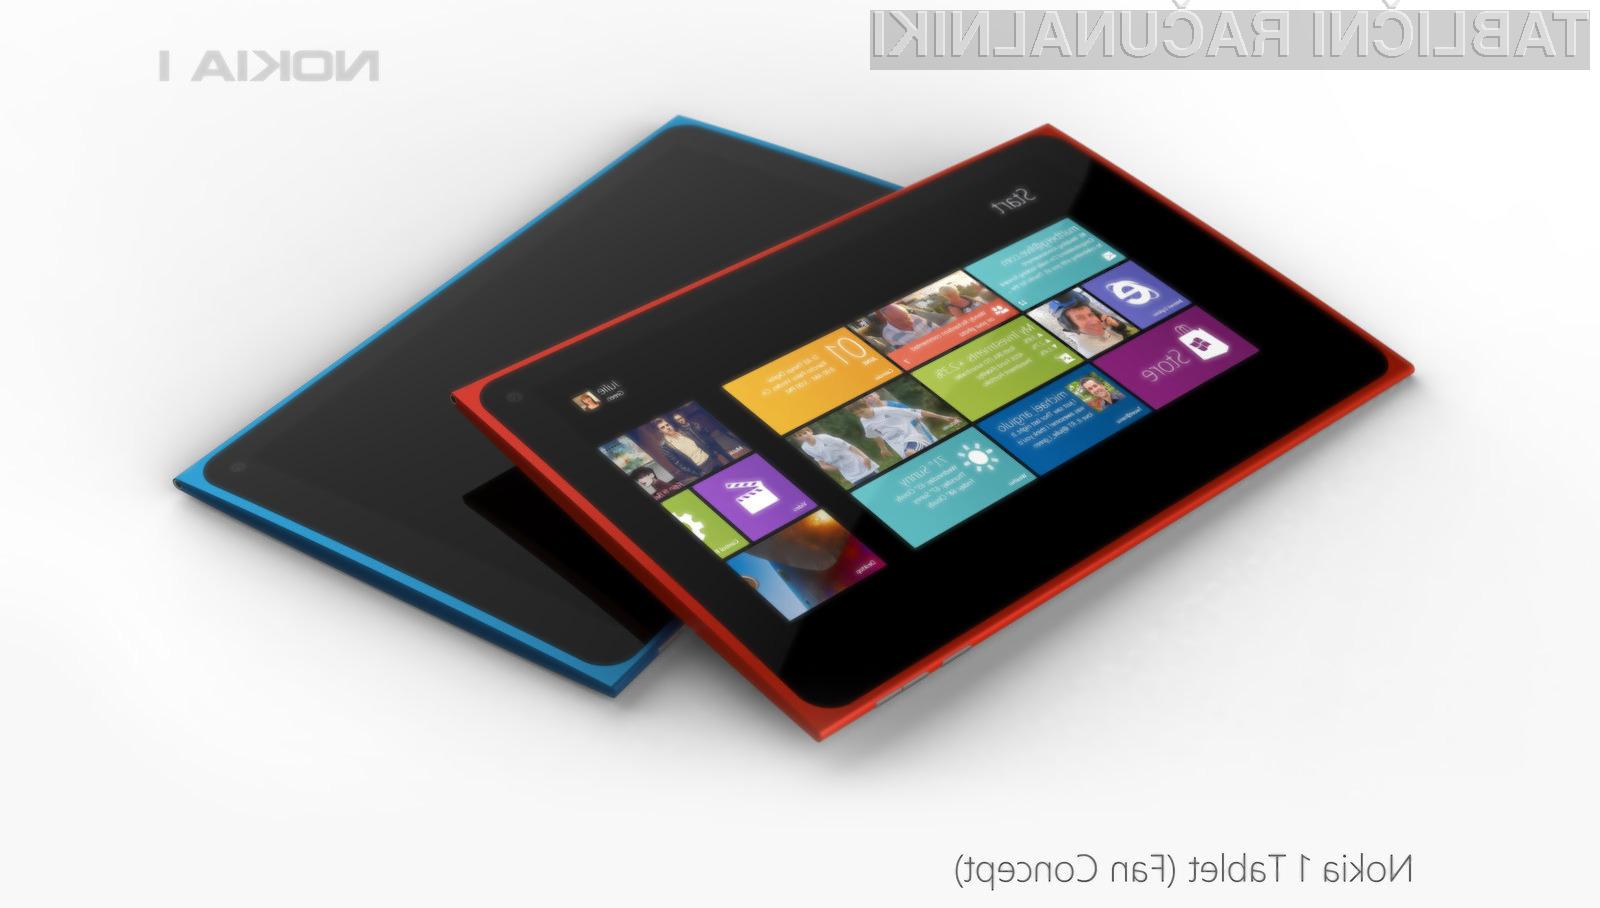 Prvi tablični računalnik Nokia Lumia naj bi bil opremljen s sila nepriljubljenim operacijskim sistemom.